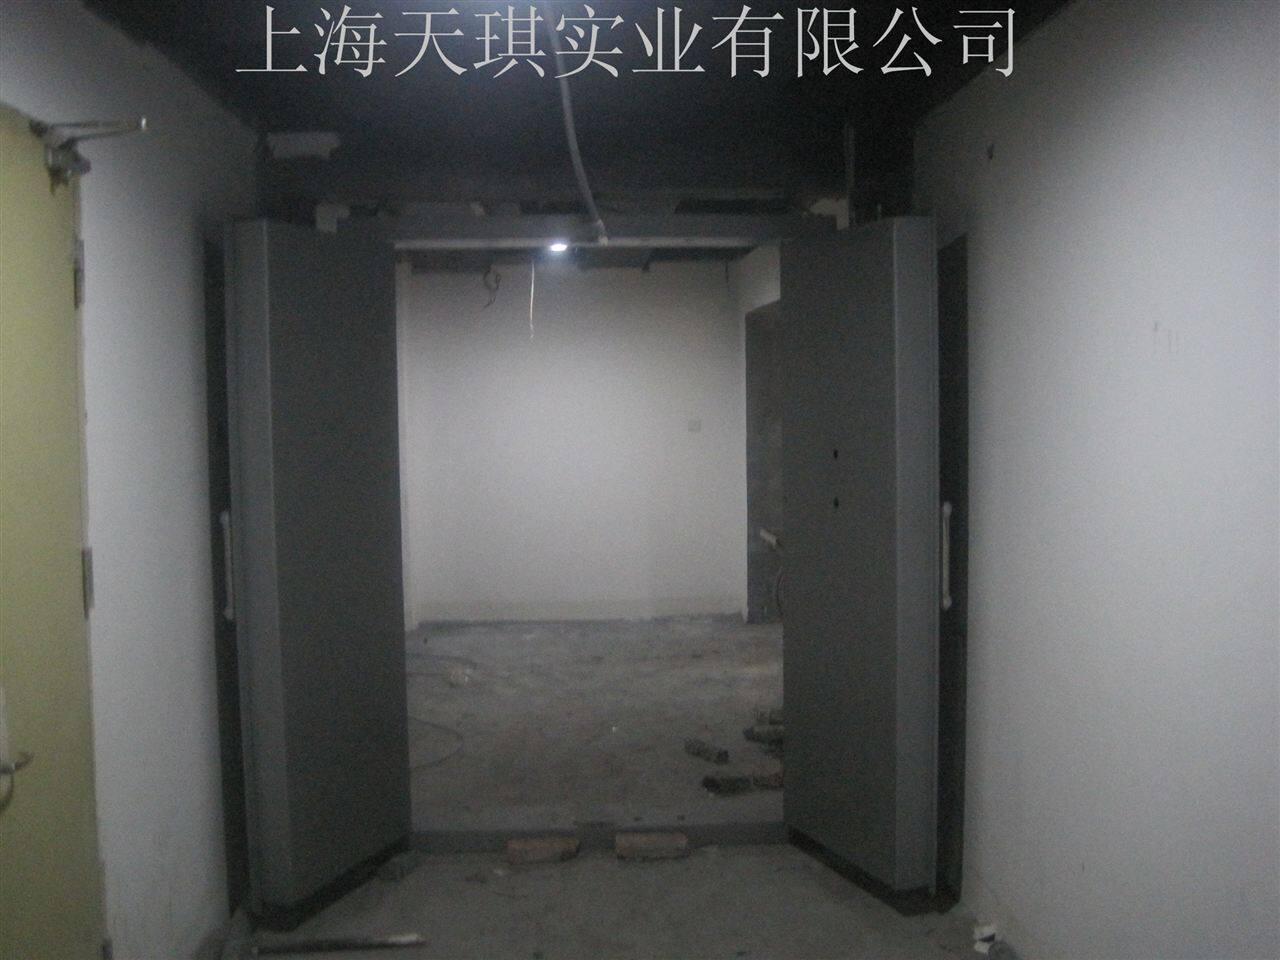 永康金库门买到上海天琪就行。